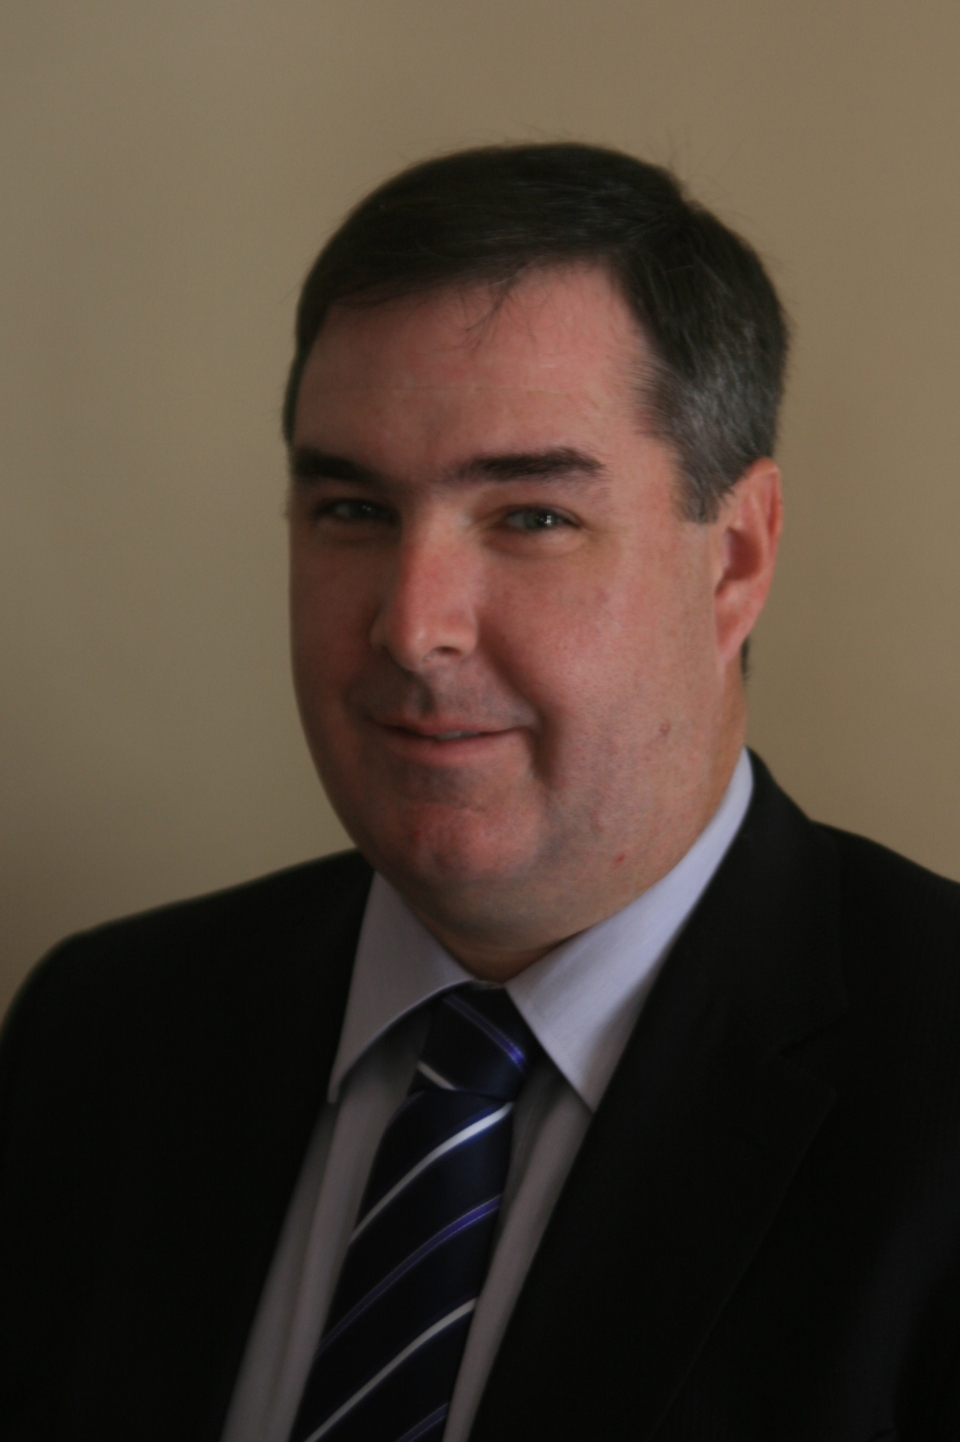 William Sullivan